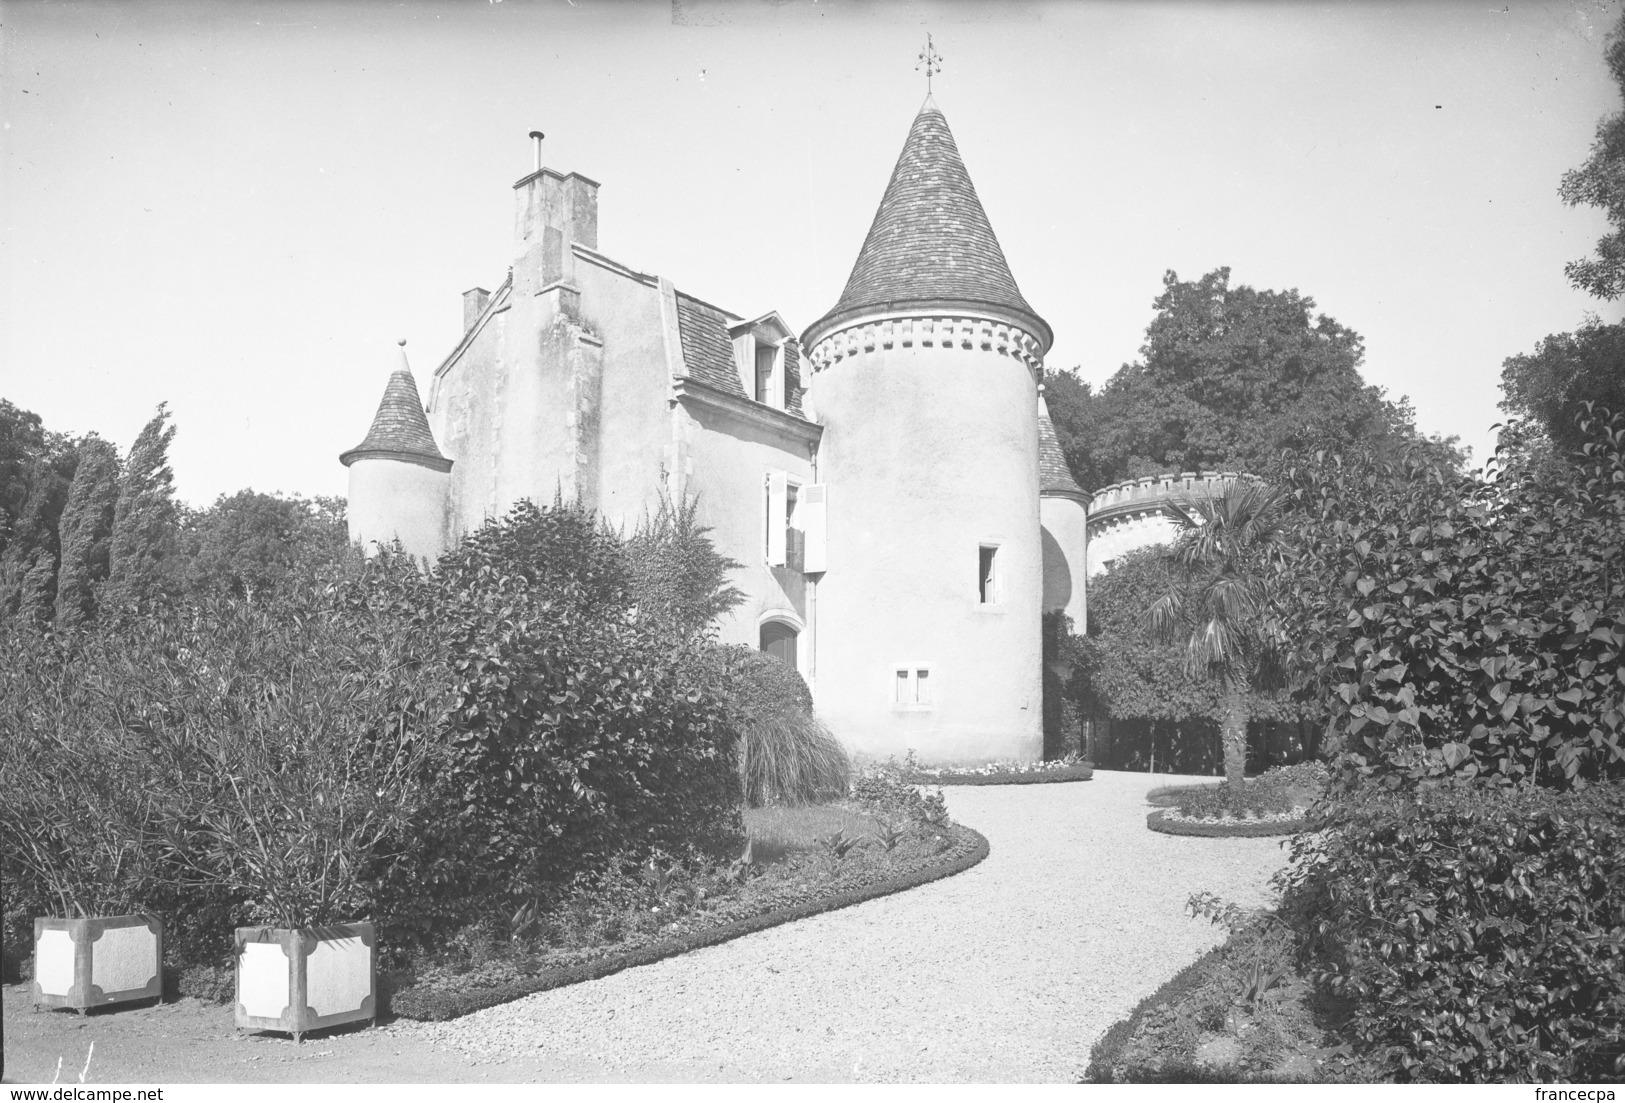 PN - 158 - CHARENTE - 16 -  FEUILLADE - Chateau De La Petite Motte - Plaques De Verre